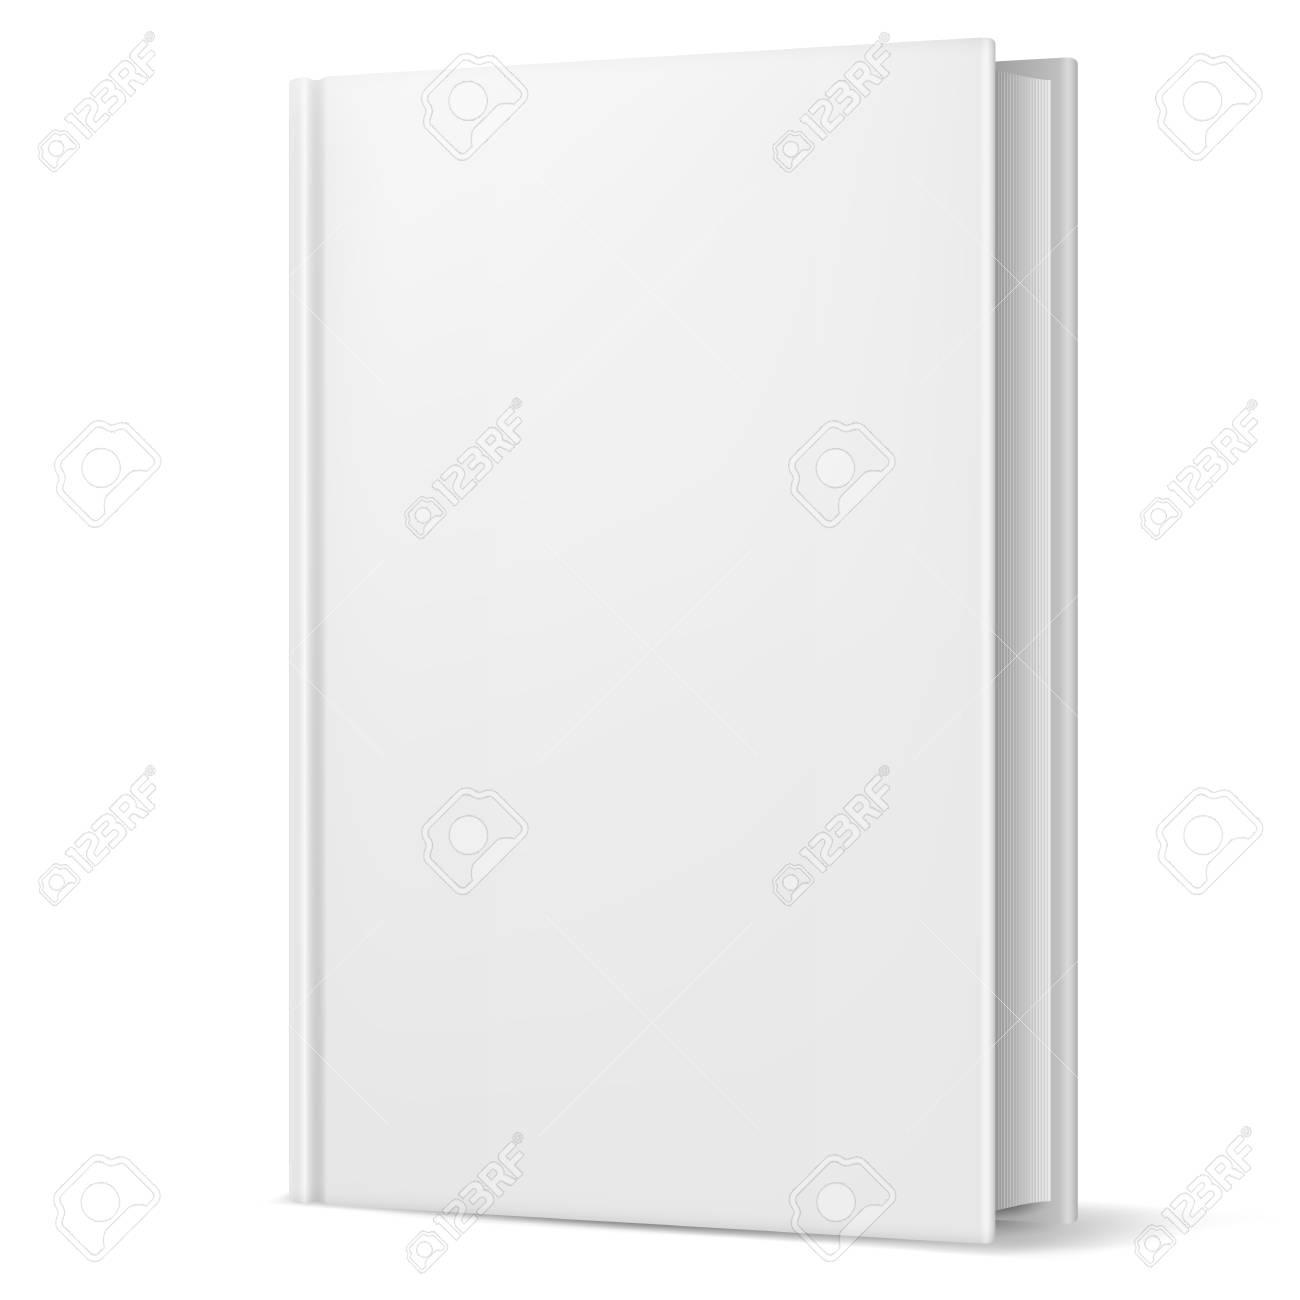 White book. Illustration on white background for design Stock Vector - 20941112